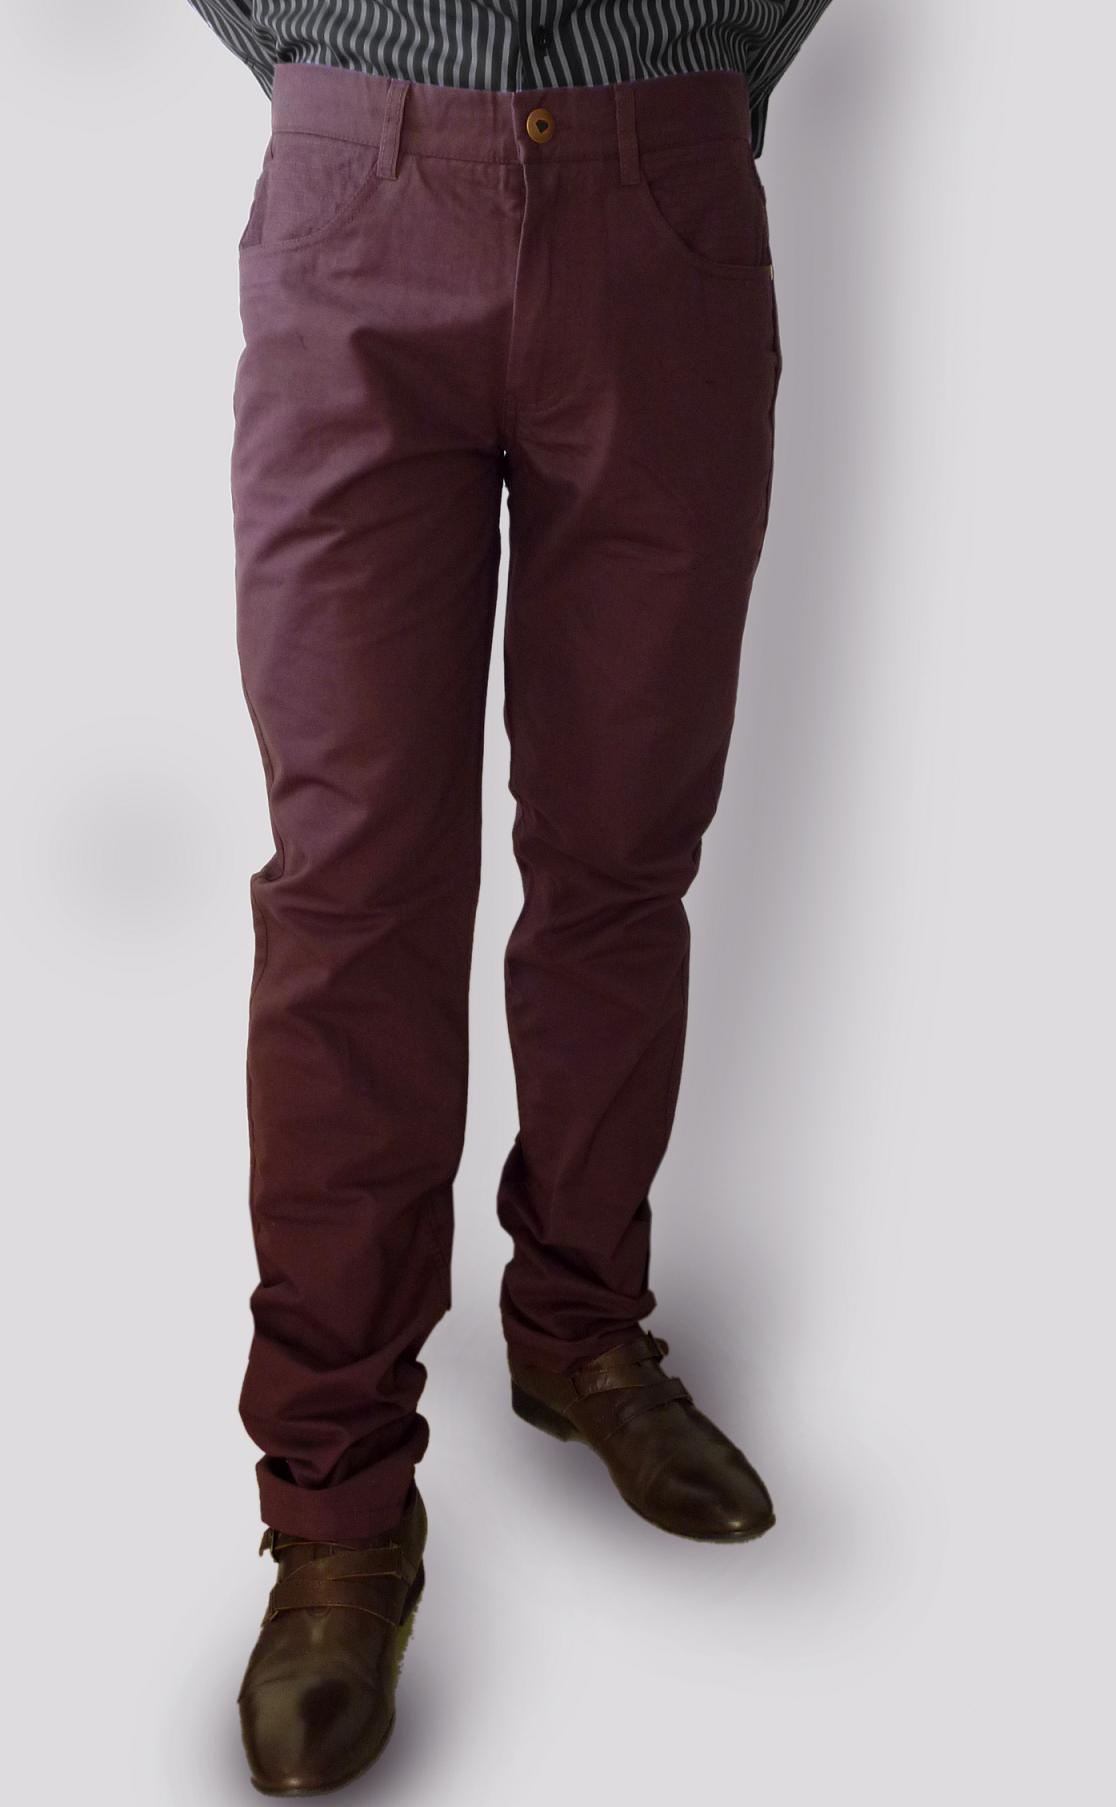 Повседневные брюки Outlooking ks0001 D2012